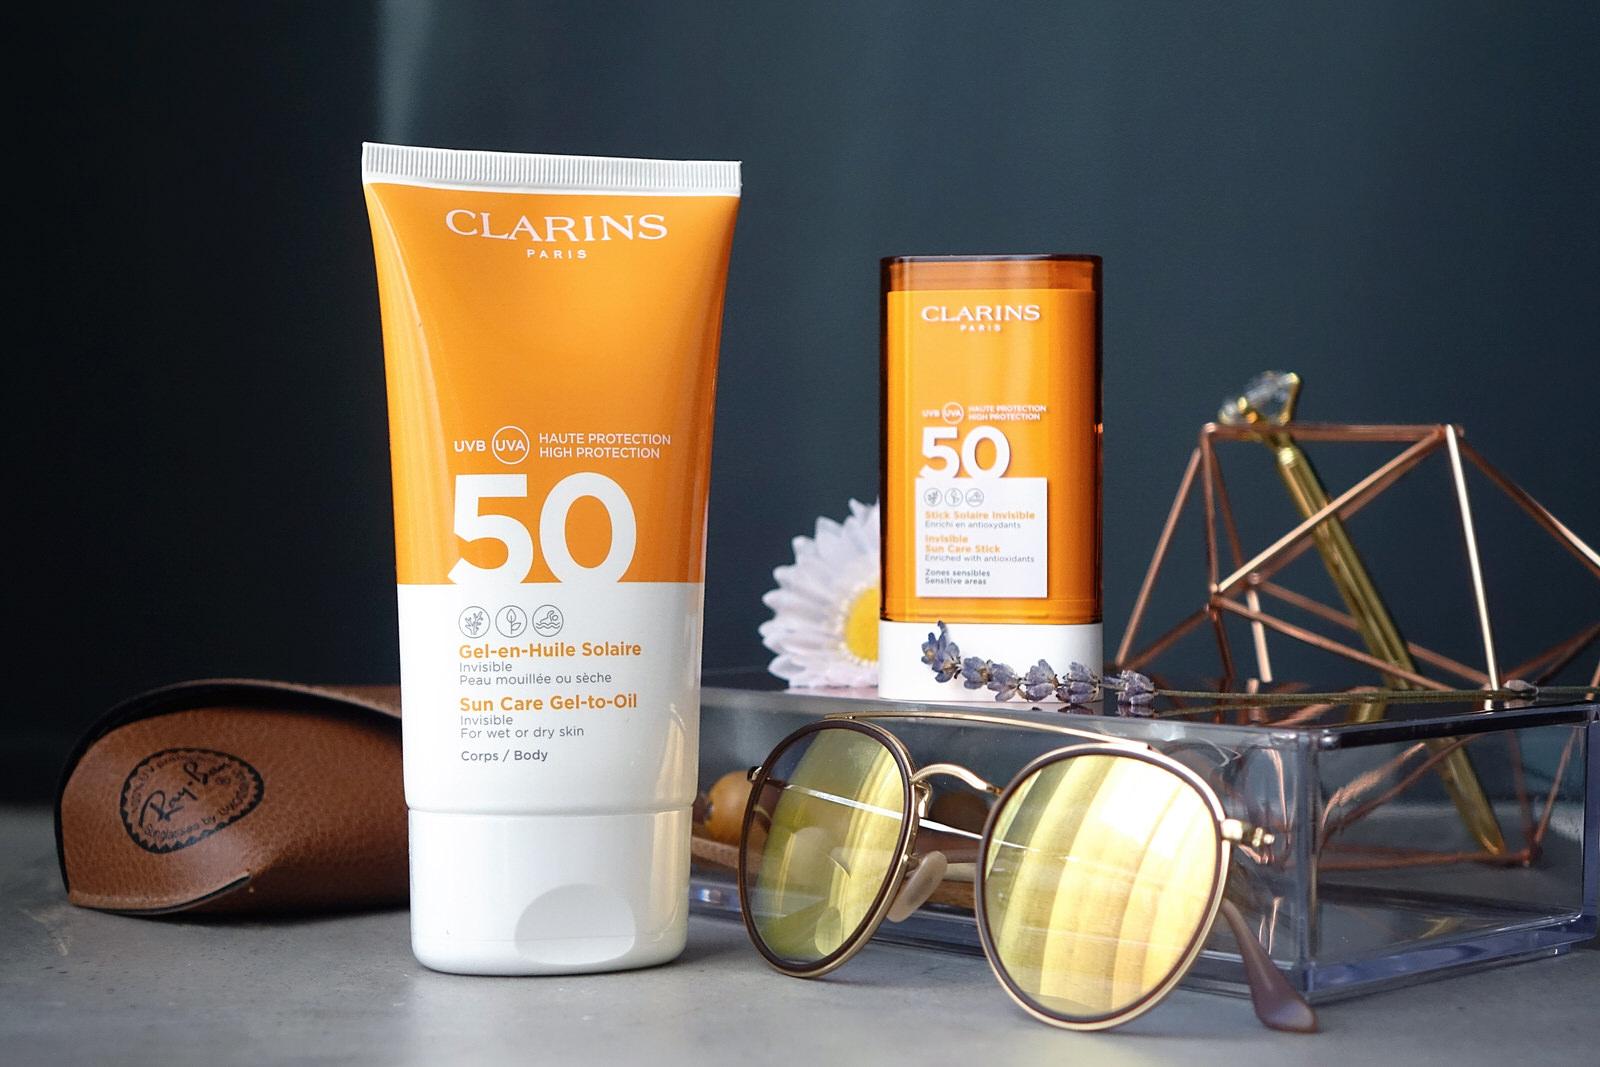 La gamme solaire de chez Clarins